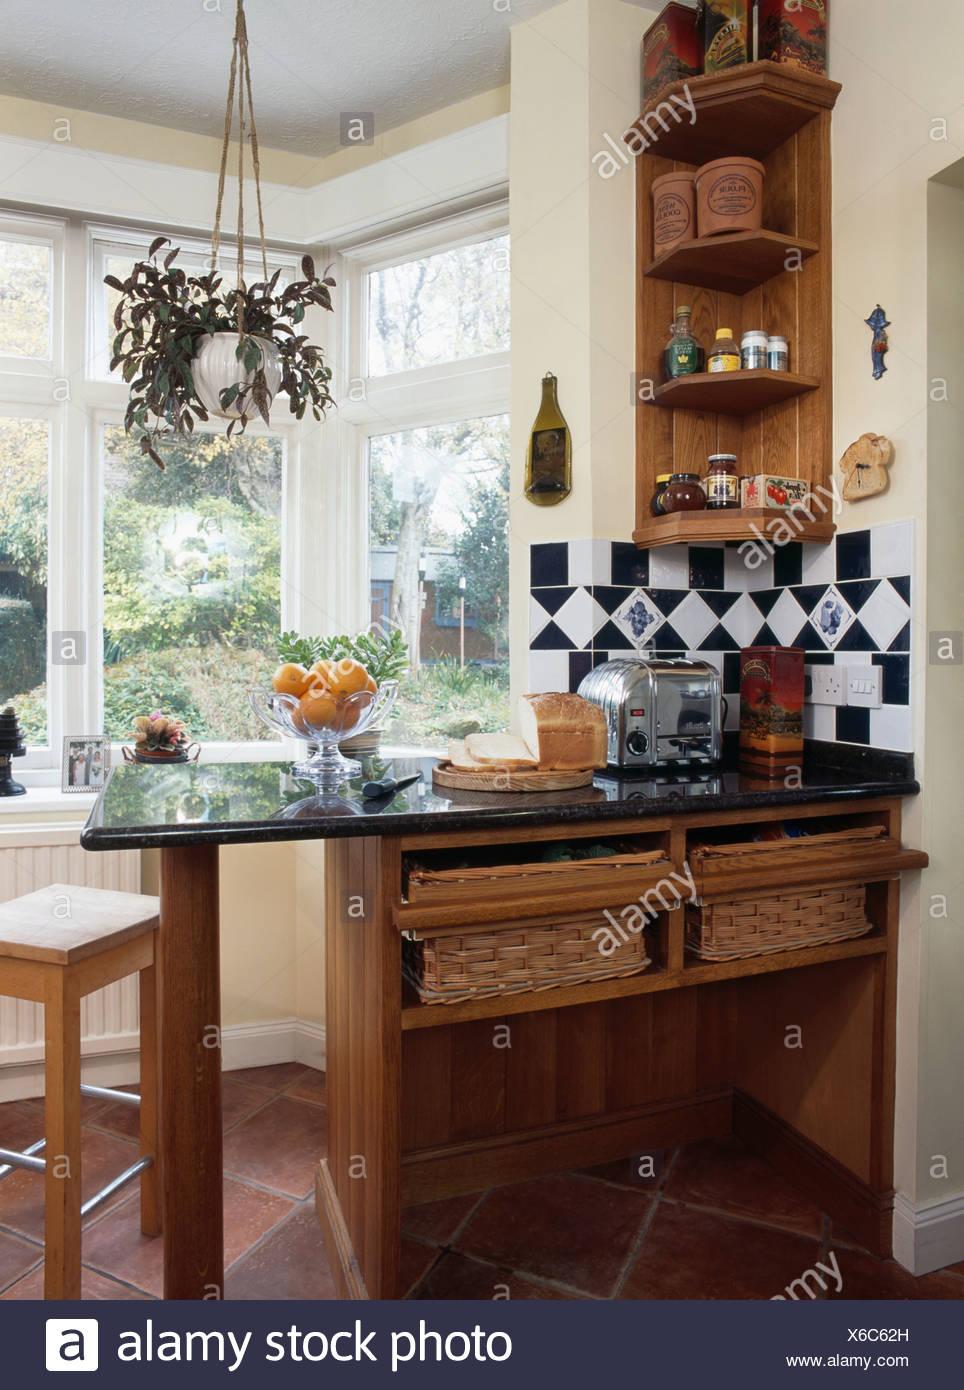 Rangement Petit Dejeuner Cuisine petite étagère en bois recouvert de granit au-dessus d'un